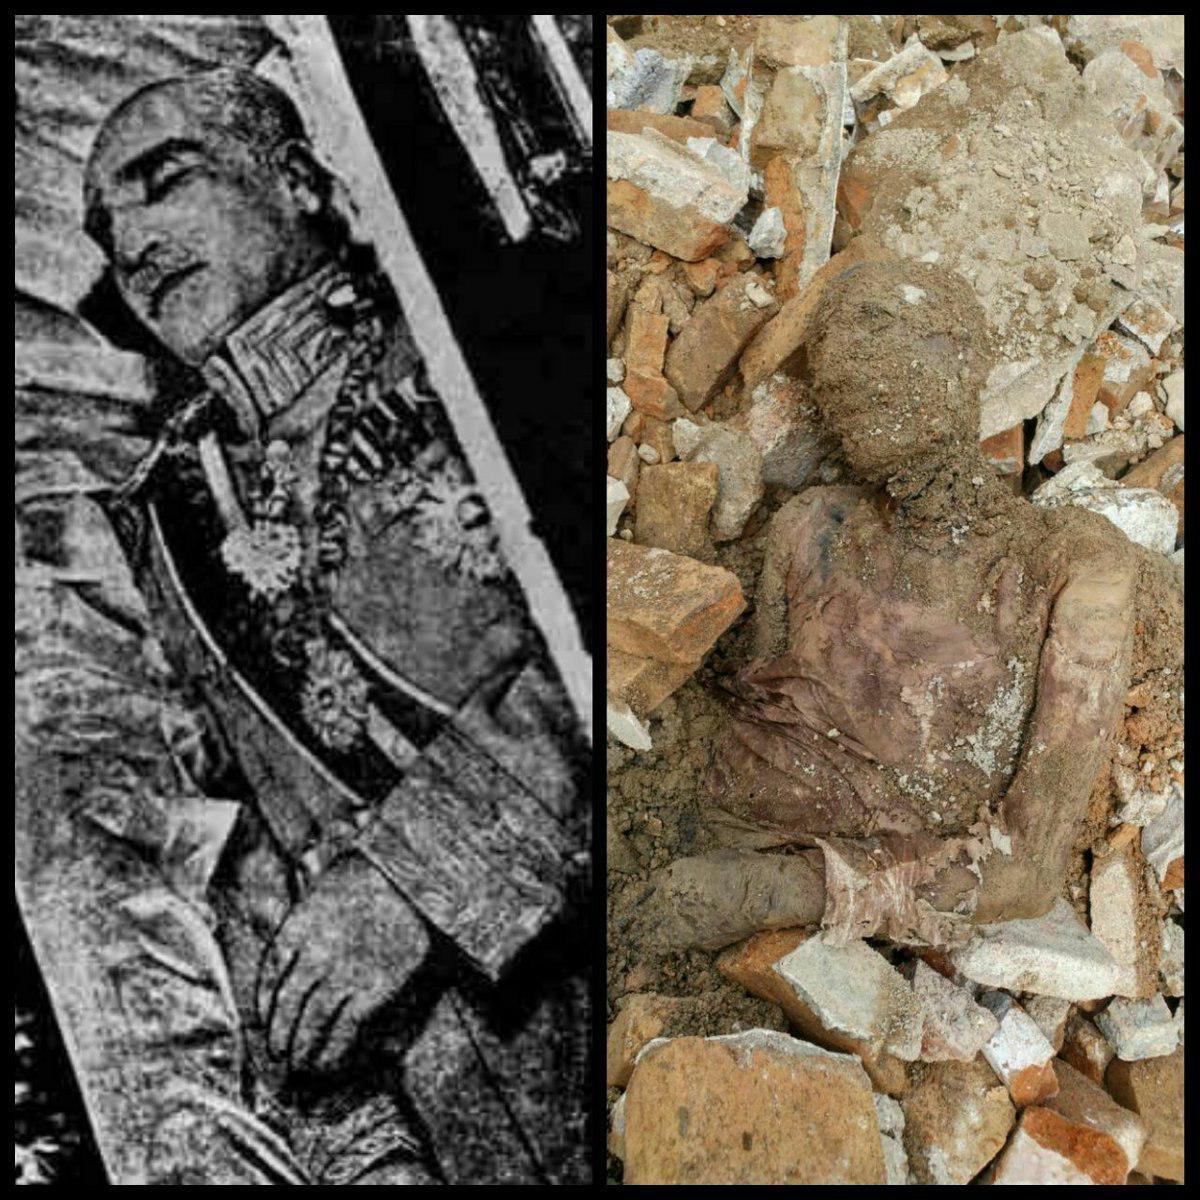 Mummified Body of Iran shah possibly found